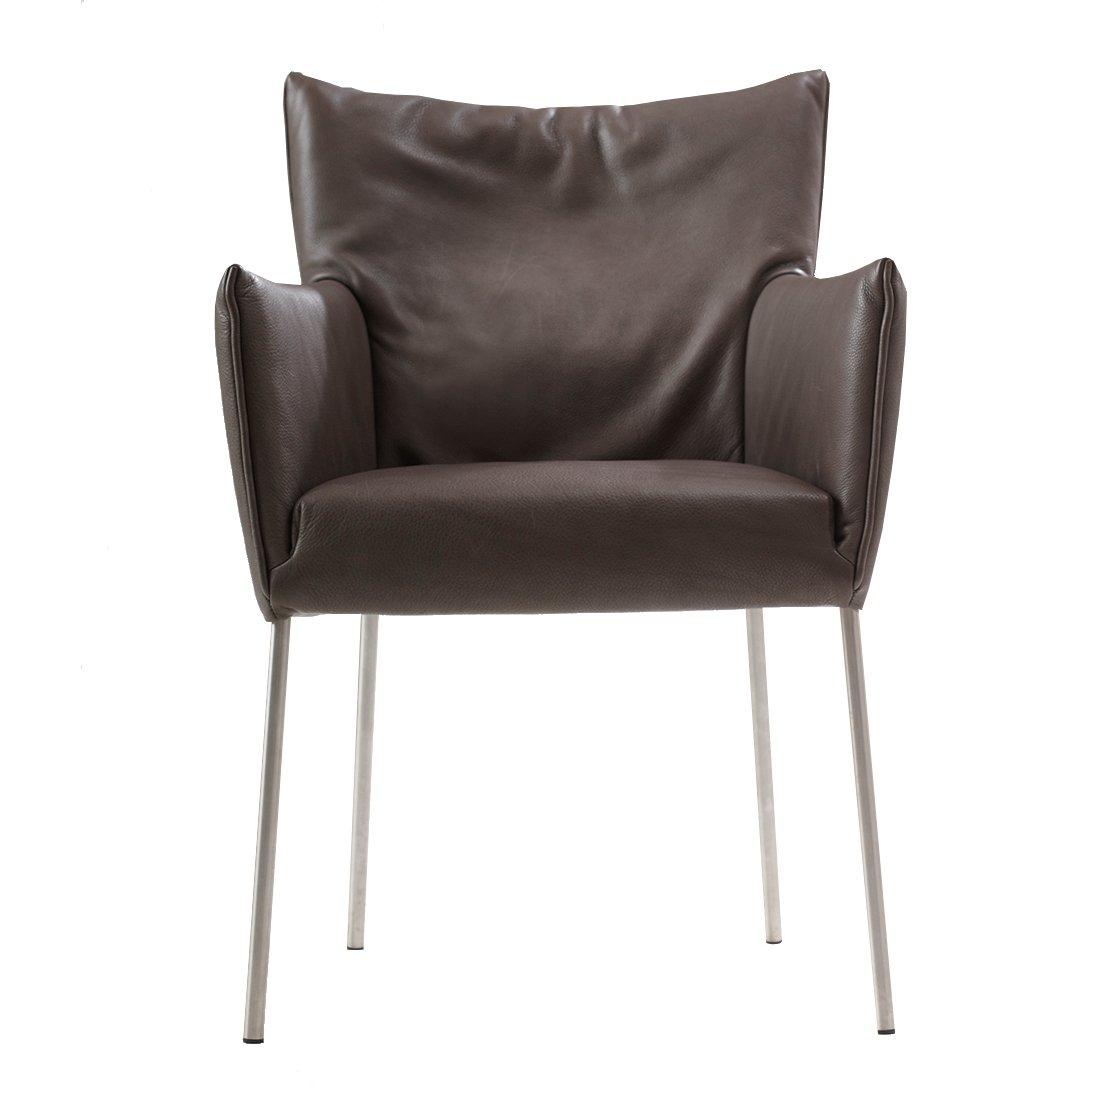 Alle bedrijven online stoelen pagina 7 for Steltman stoel afmetingen